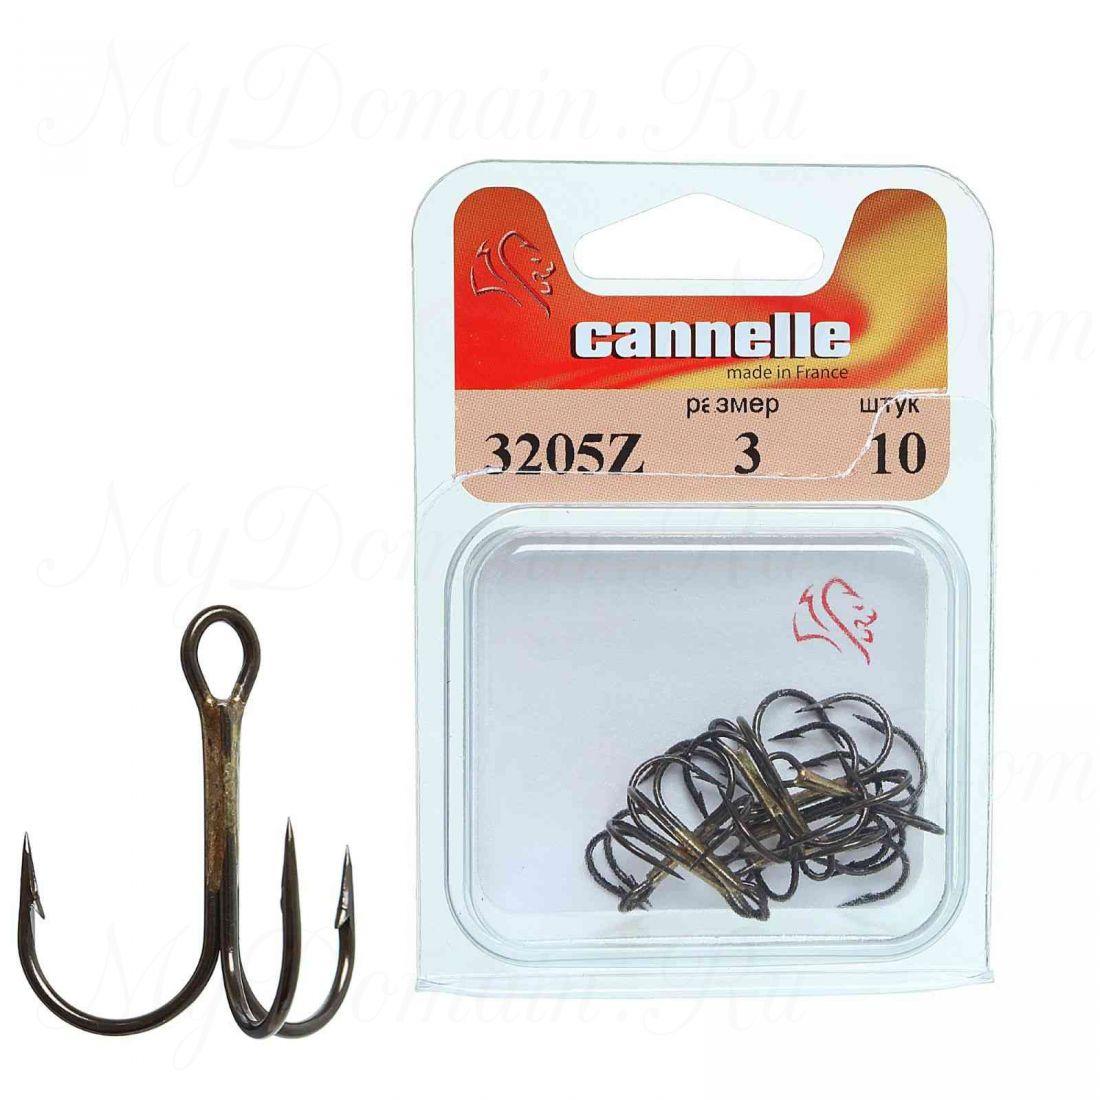 Тройник Cannelle 3205 N № 9 уп. 100 шт. (никель,круглый поддев,стандартный тройник,средняя проволока)